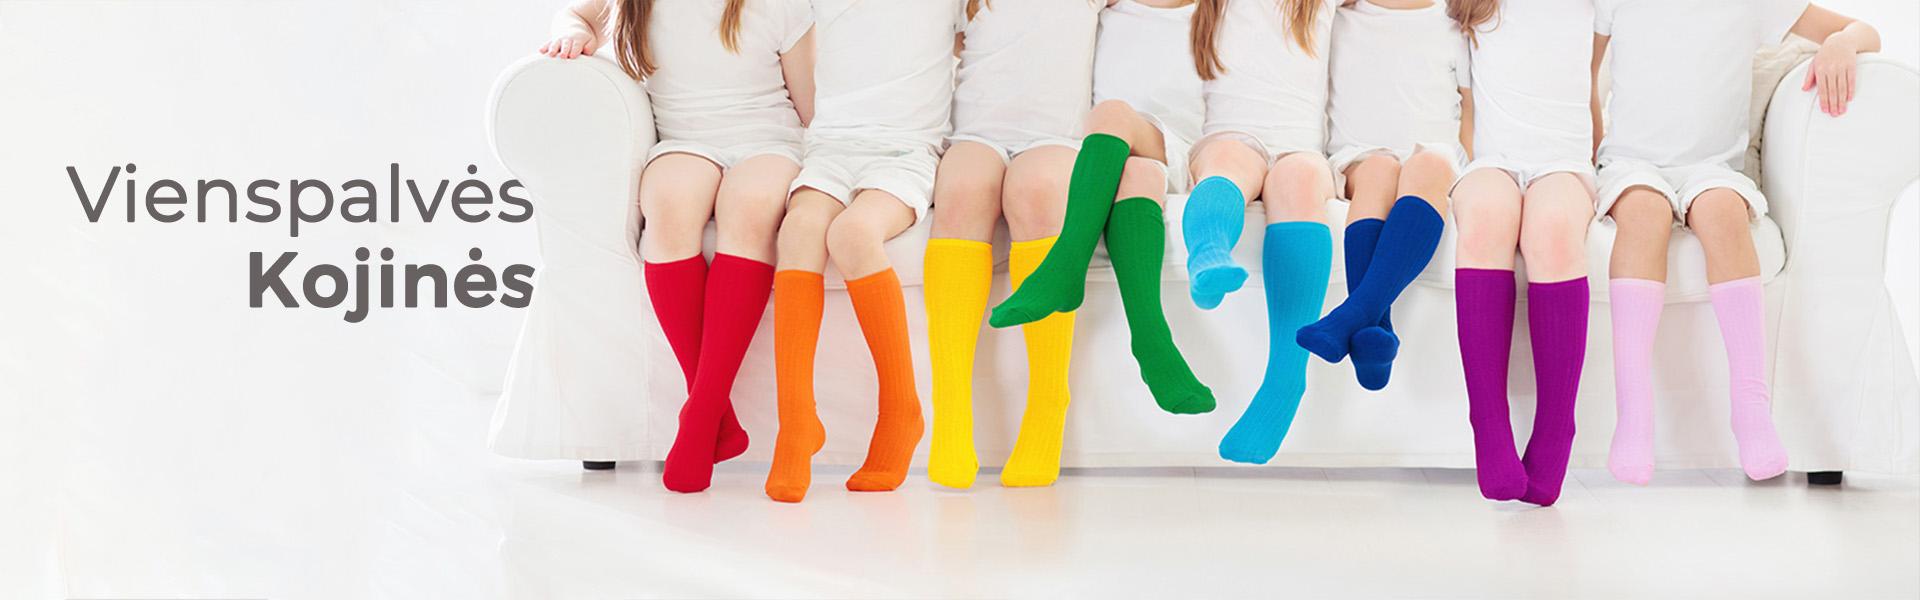 Vegateksa vienspalvės kojinės